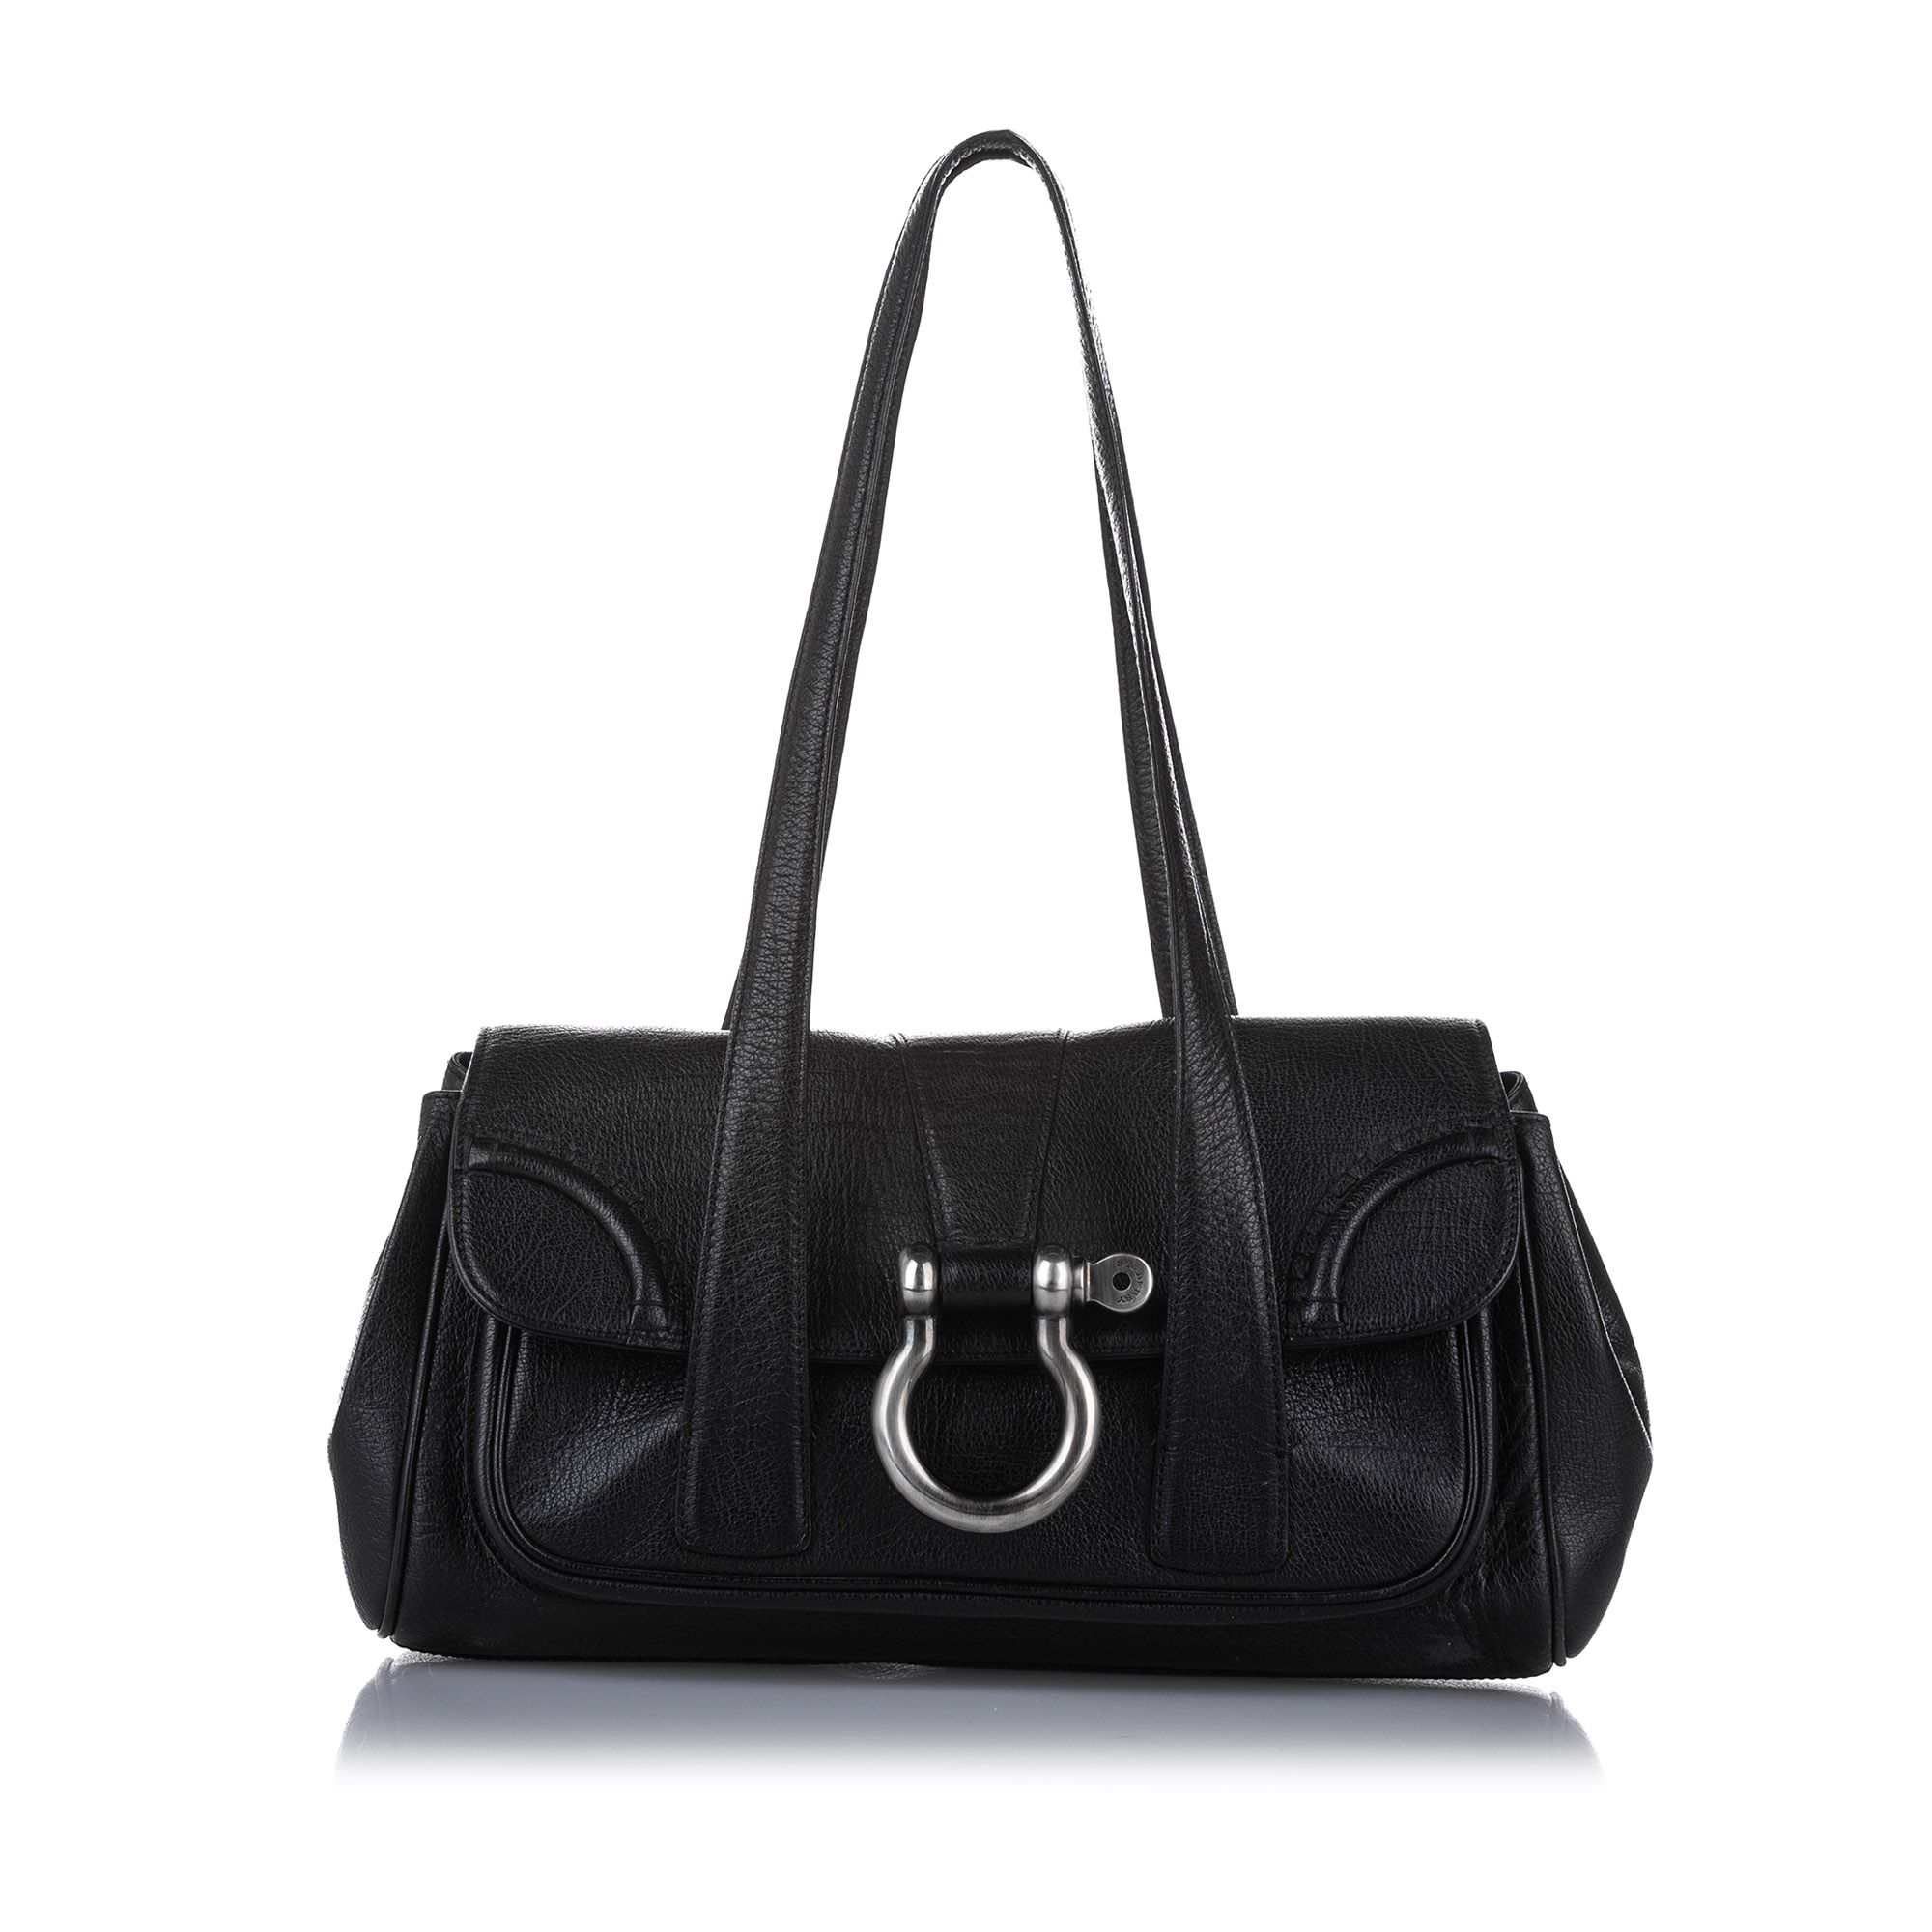 Vintage Burberry Leather Shoulder Bag Black